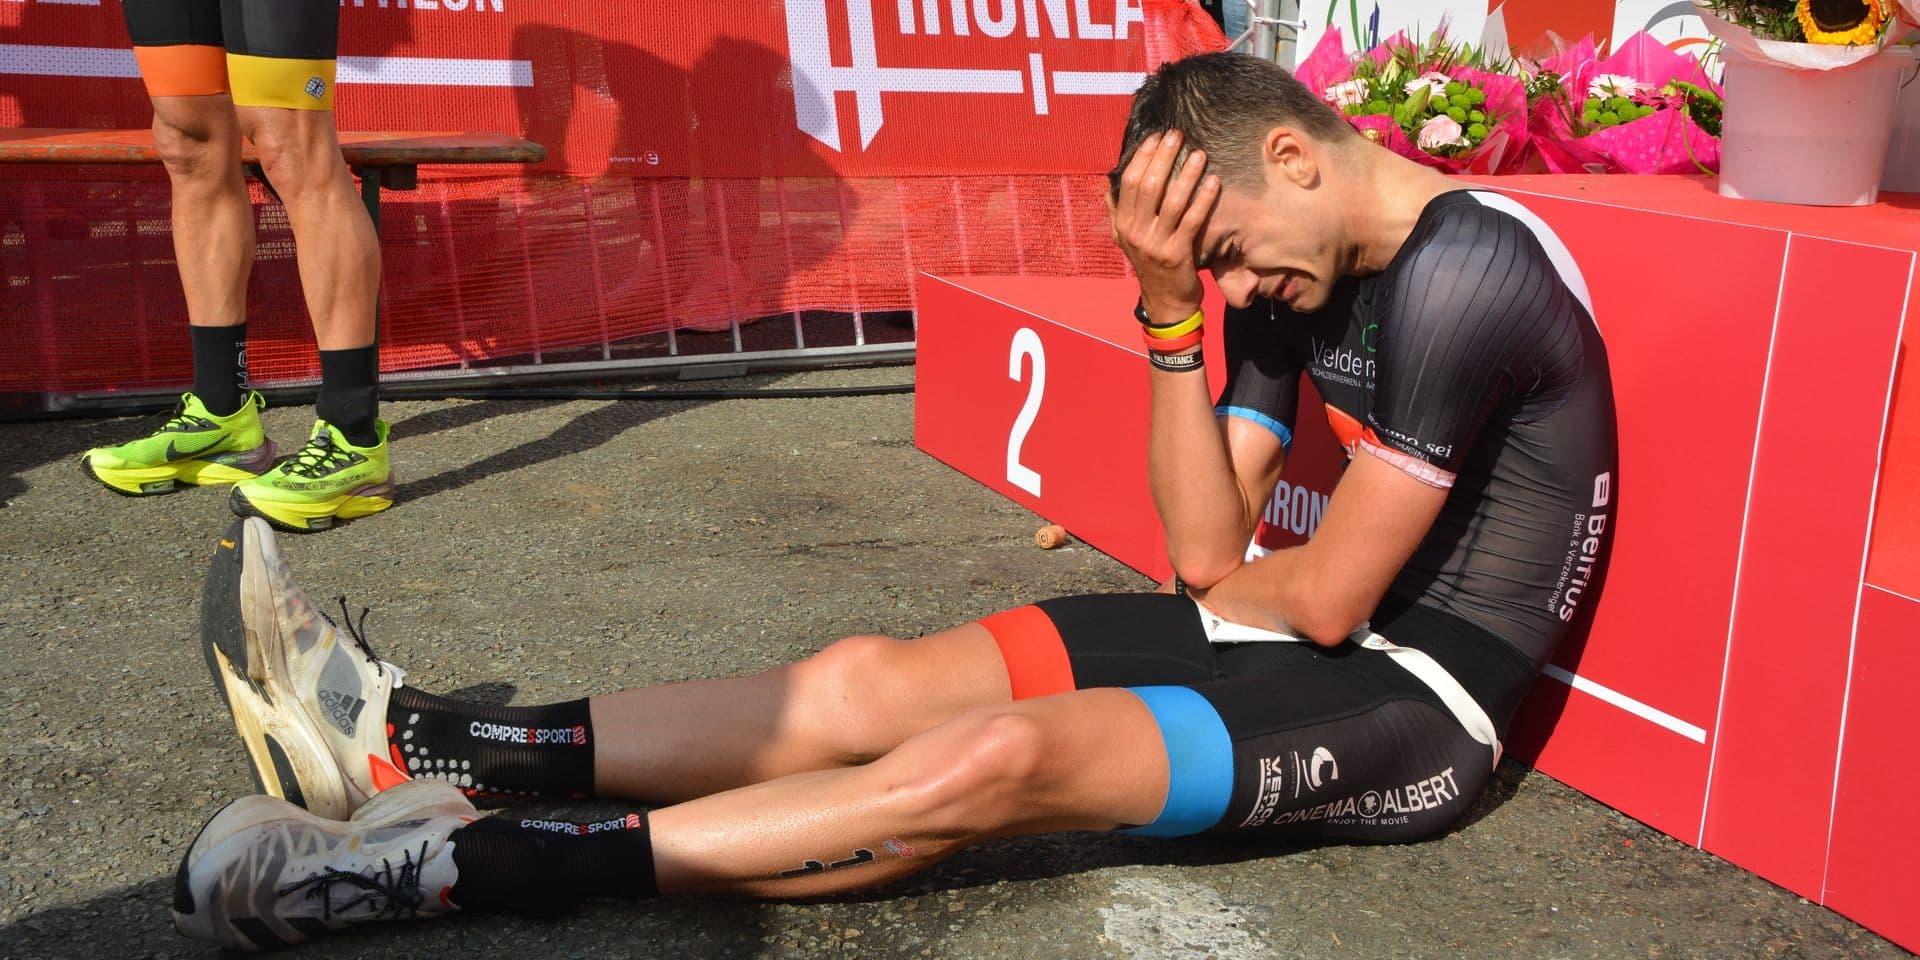 Bram Van der Plas remporte l'Ironlakes